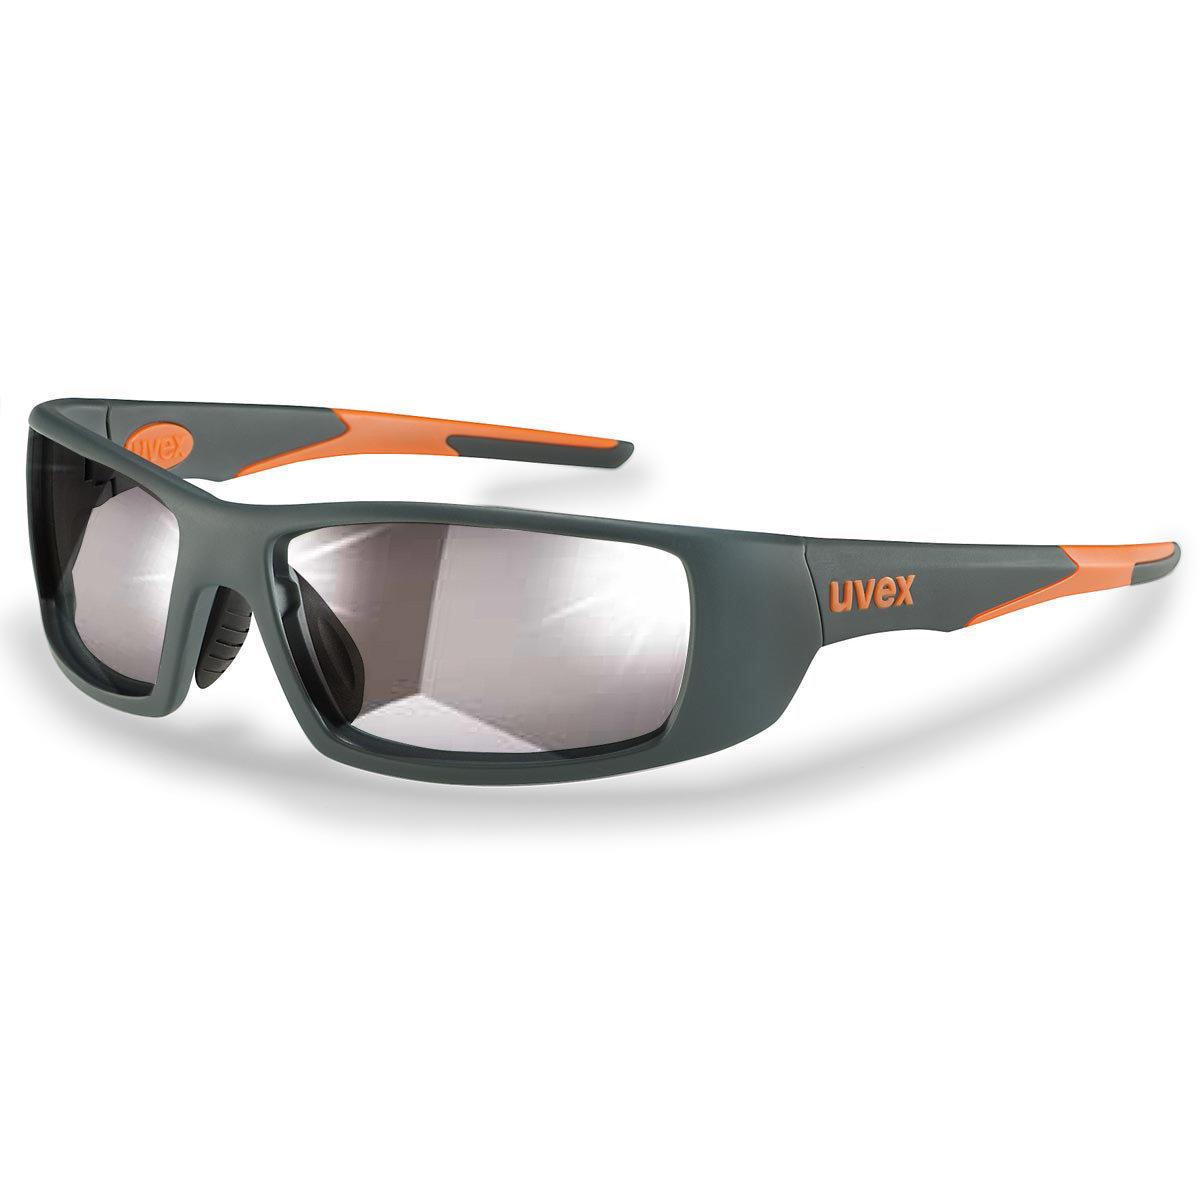 Uvex Korrektionsschutzbrille RX sp 5512 orange - Selbsttönend